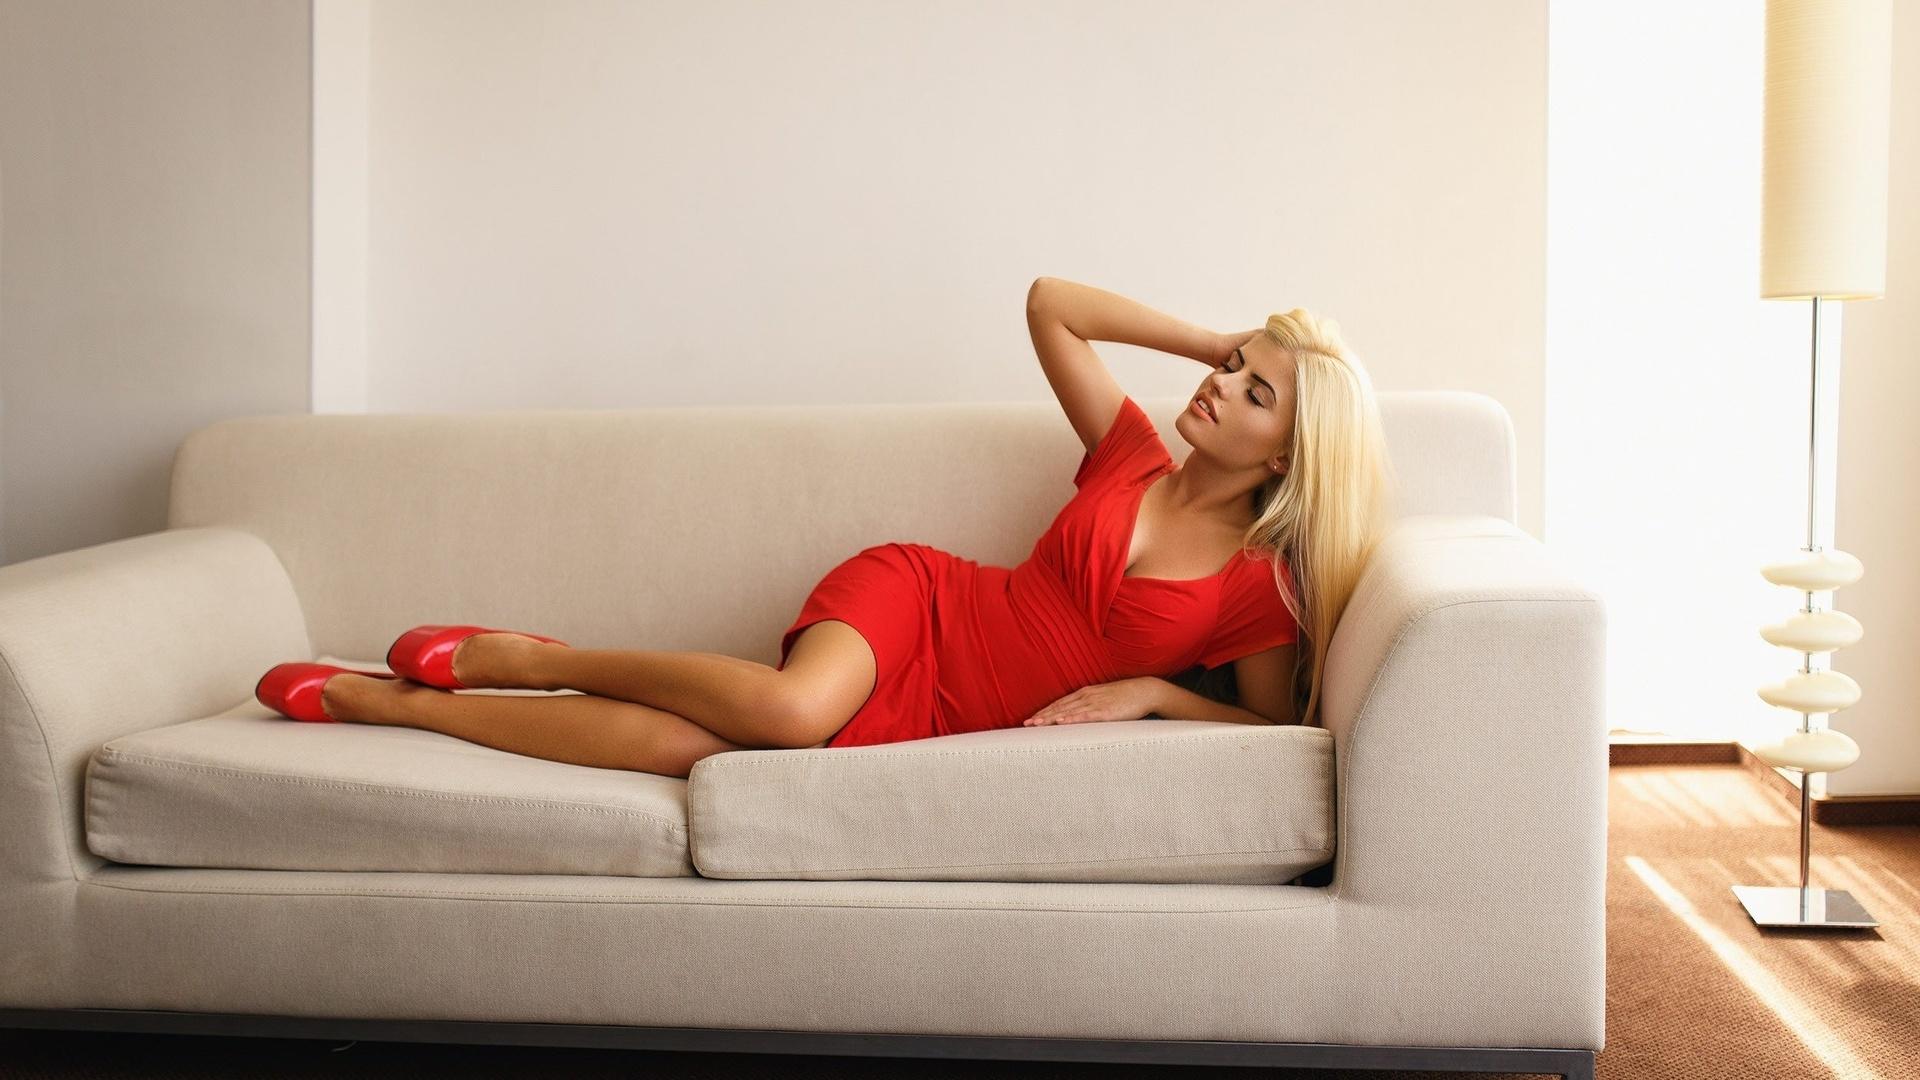 классные позы для фотографий на диване операции